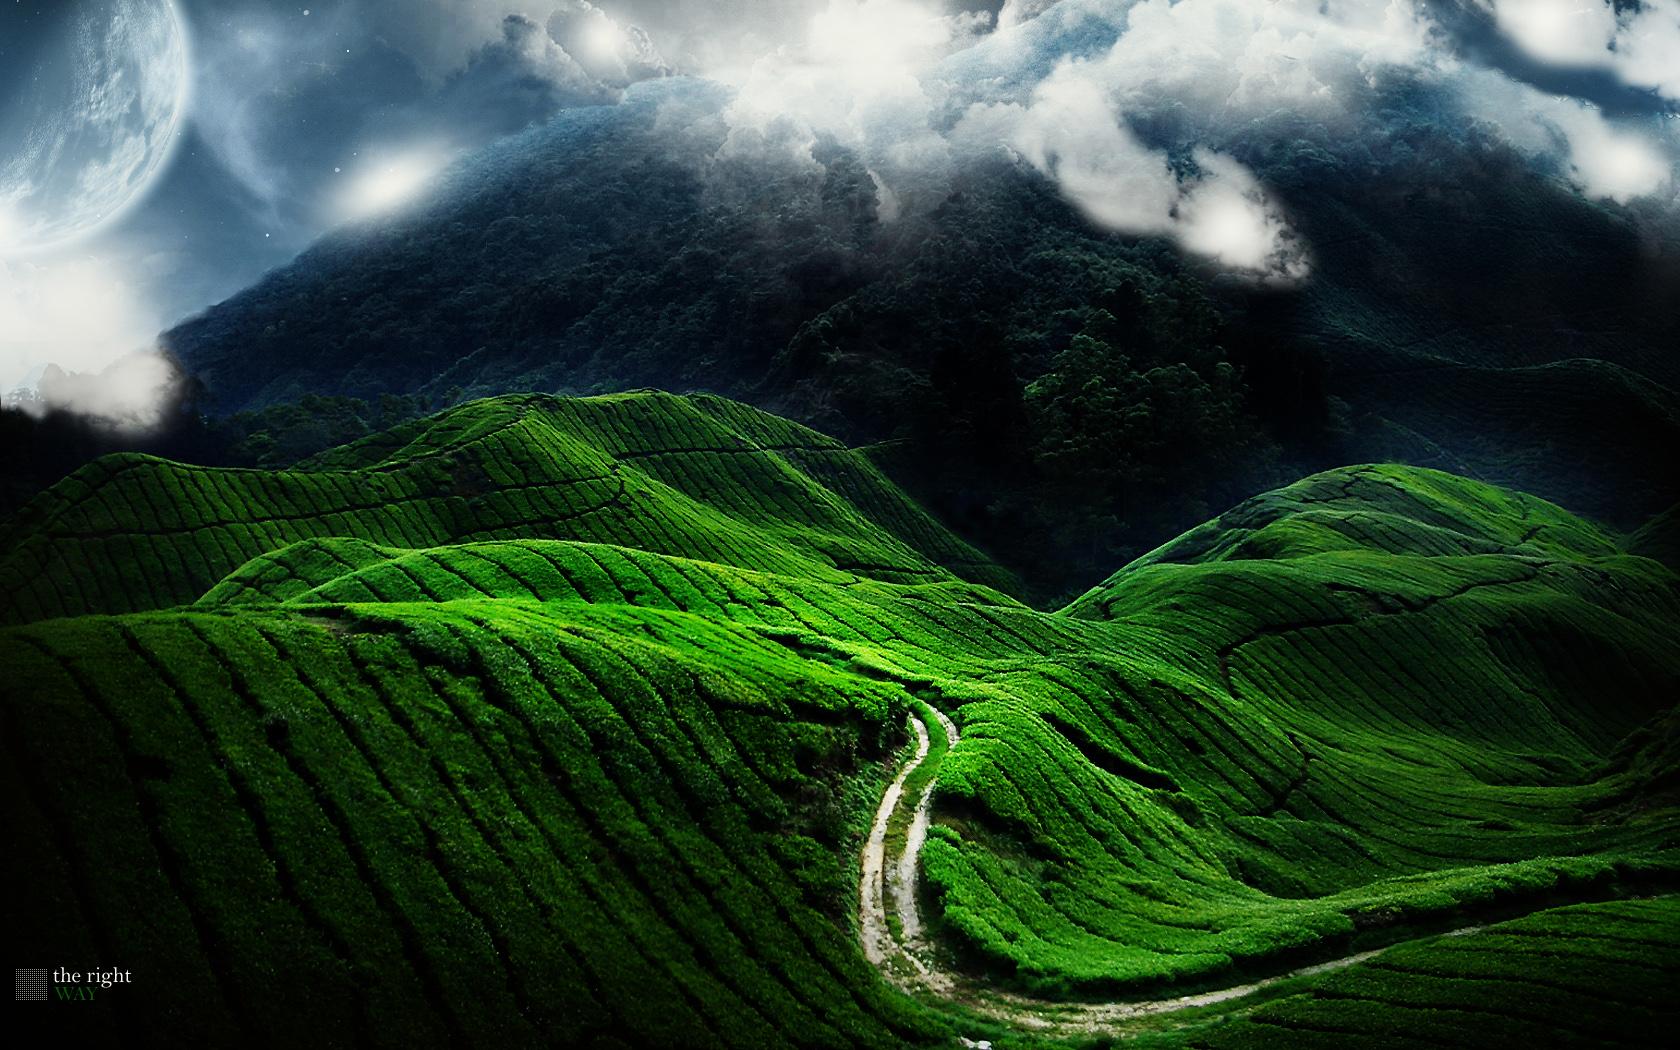 Man Made - Väg  Månen Landskap Grön Hill Bakgrund